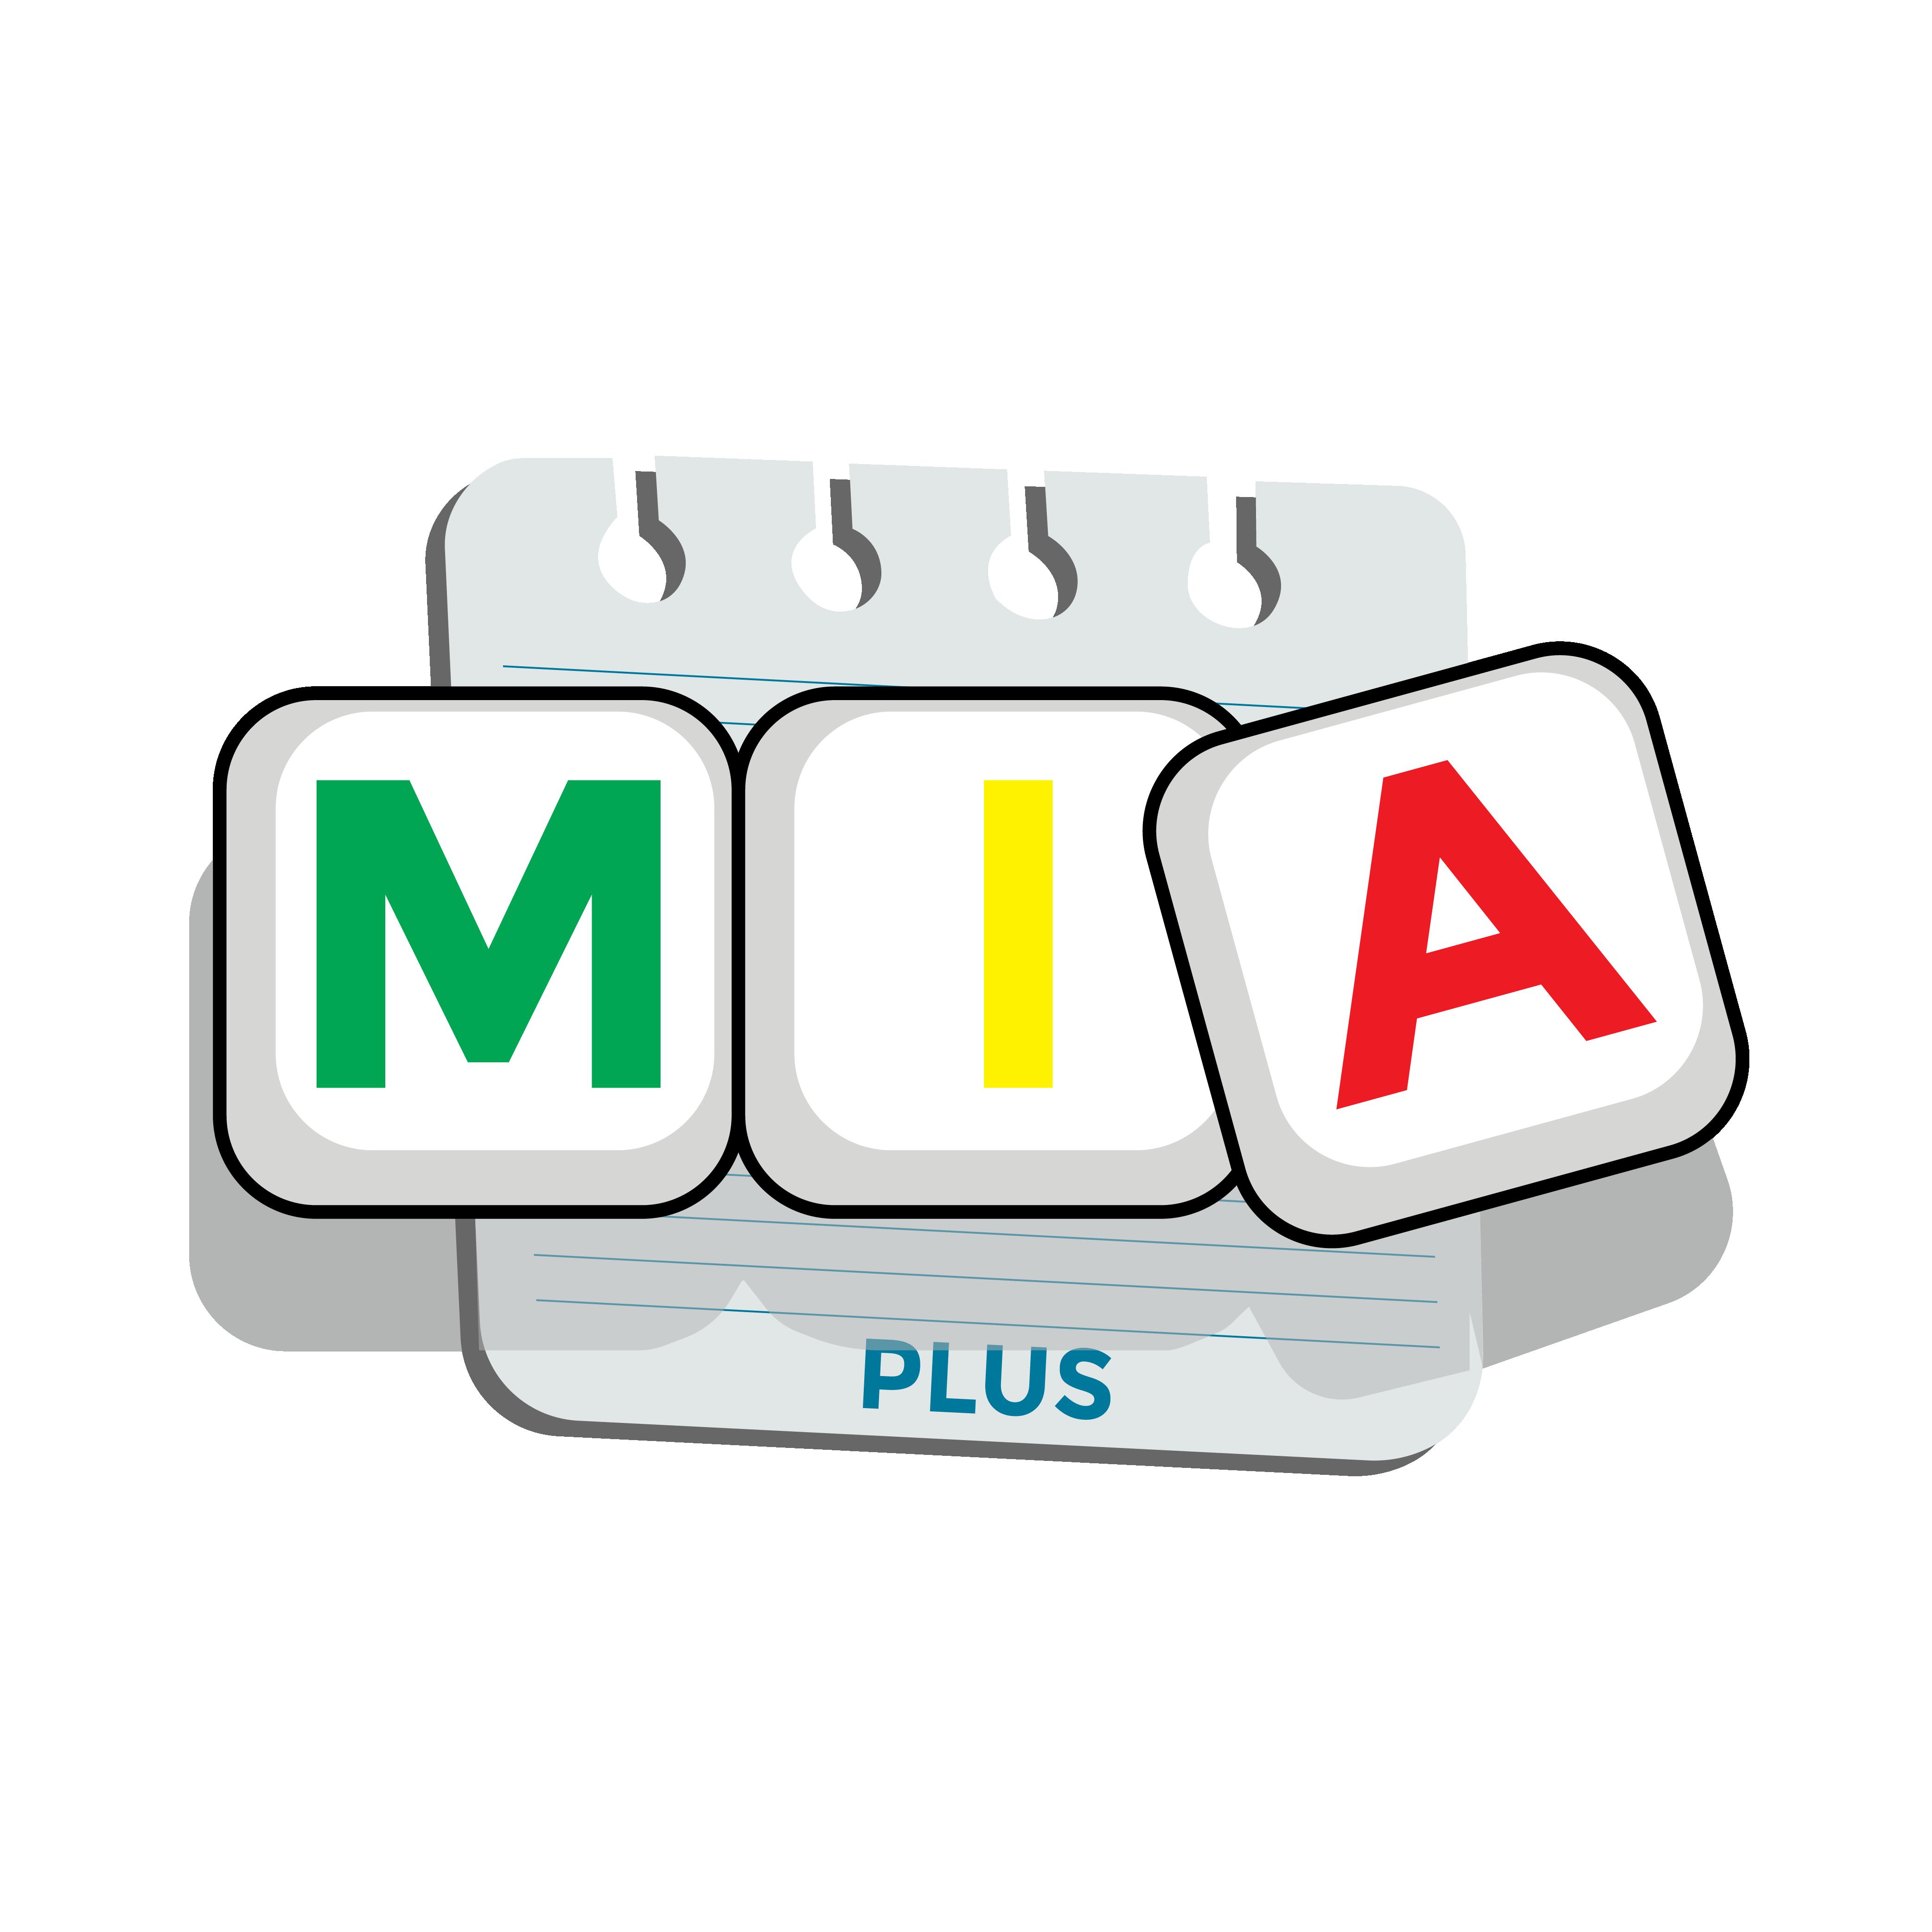 MIA Plus - Aplicativo de Berçário e Educação Infantil